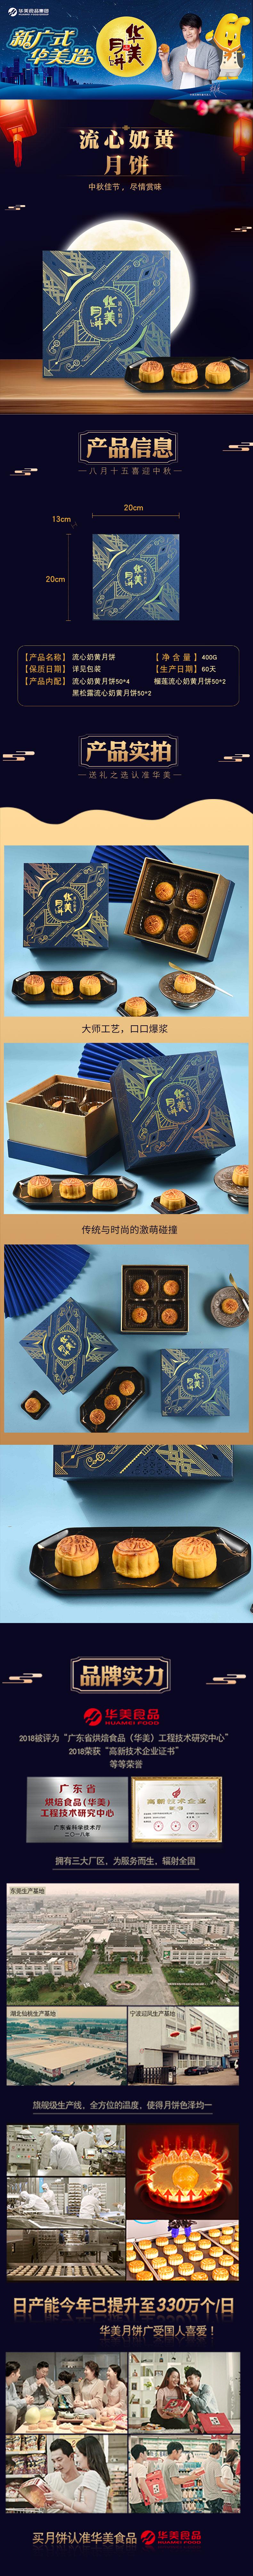 华美400g 流心奶黄正方形月饼礼盒,河南华美月饼厂家